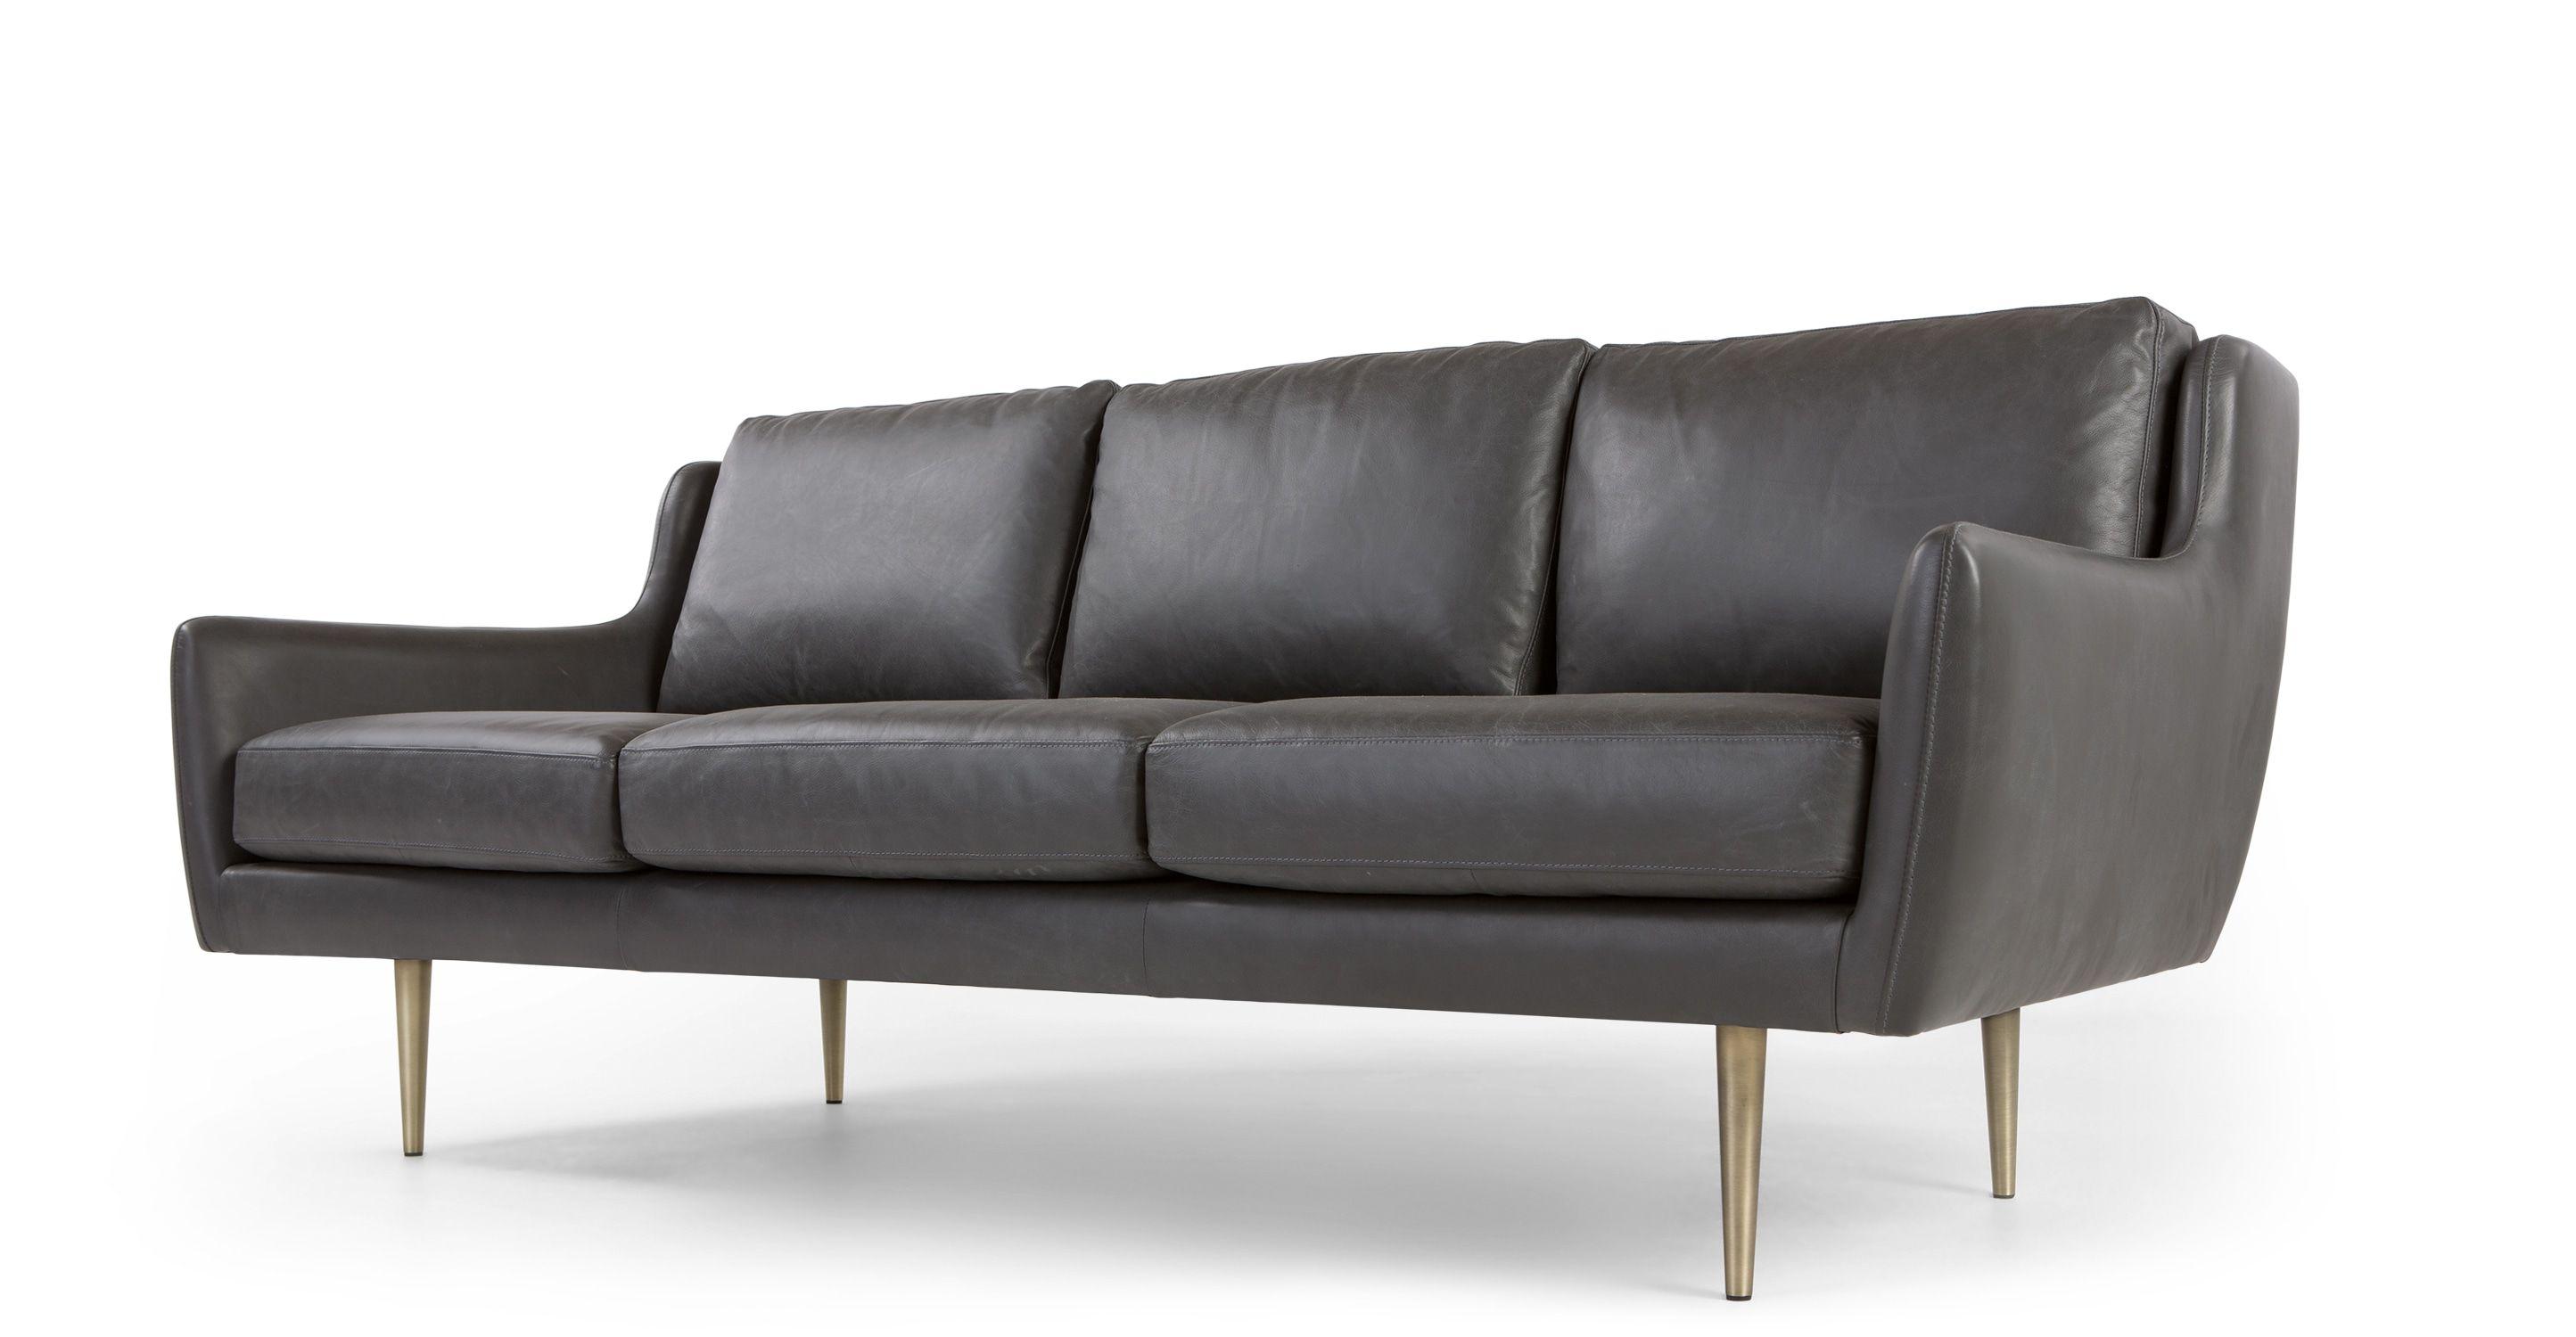 Simone 3 Sitzer Sofa Premium Leder In Oxfordgrau Made Com Jetzt Bestellen Unter Https Moebel Ladendirekt De Wohnzi Modernes Ledersofa Sofas 3 Sitzer Sofa